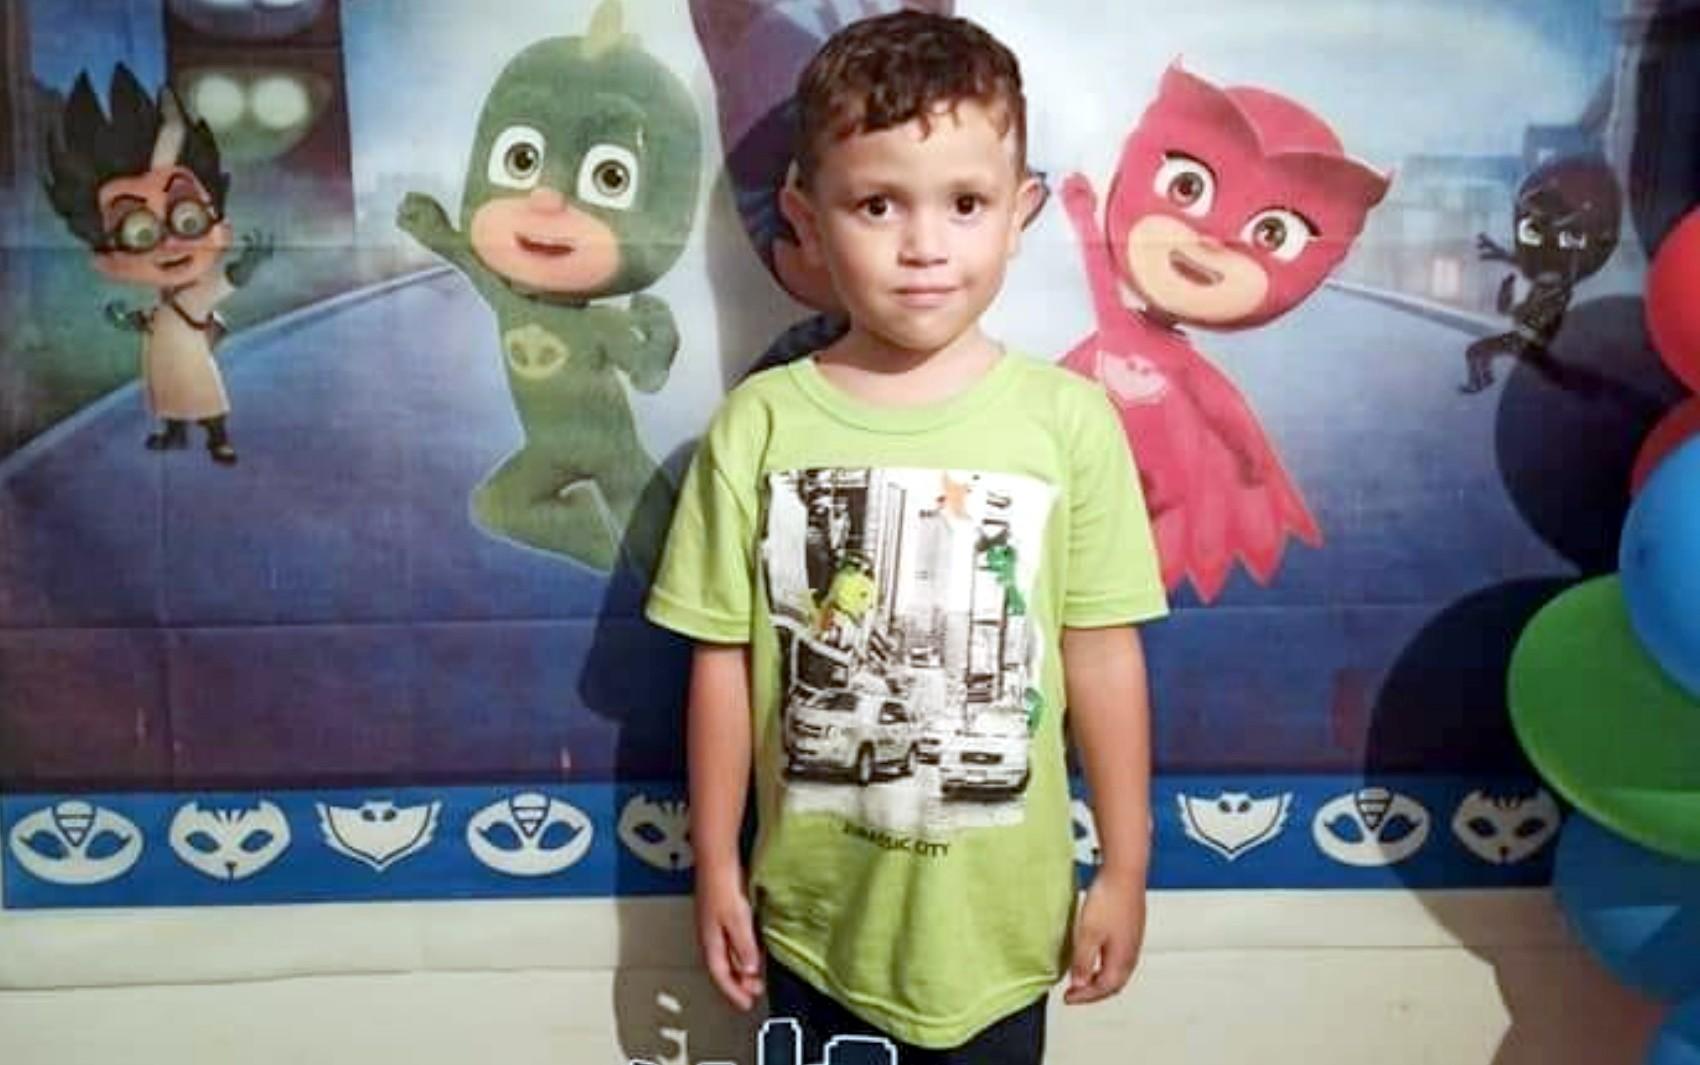 Laudo cadavérico não conclui se menino de 4 anos morreu por picada de escorpião em Pires do Rio, diz polícia